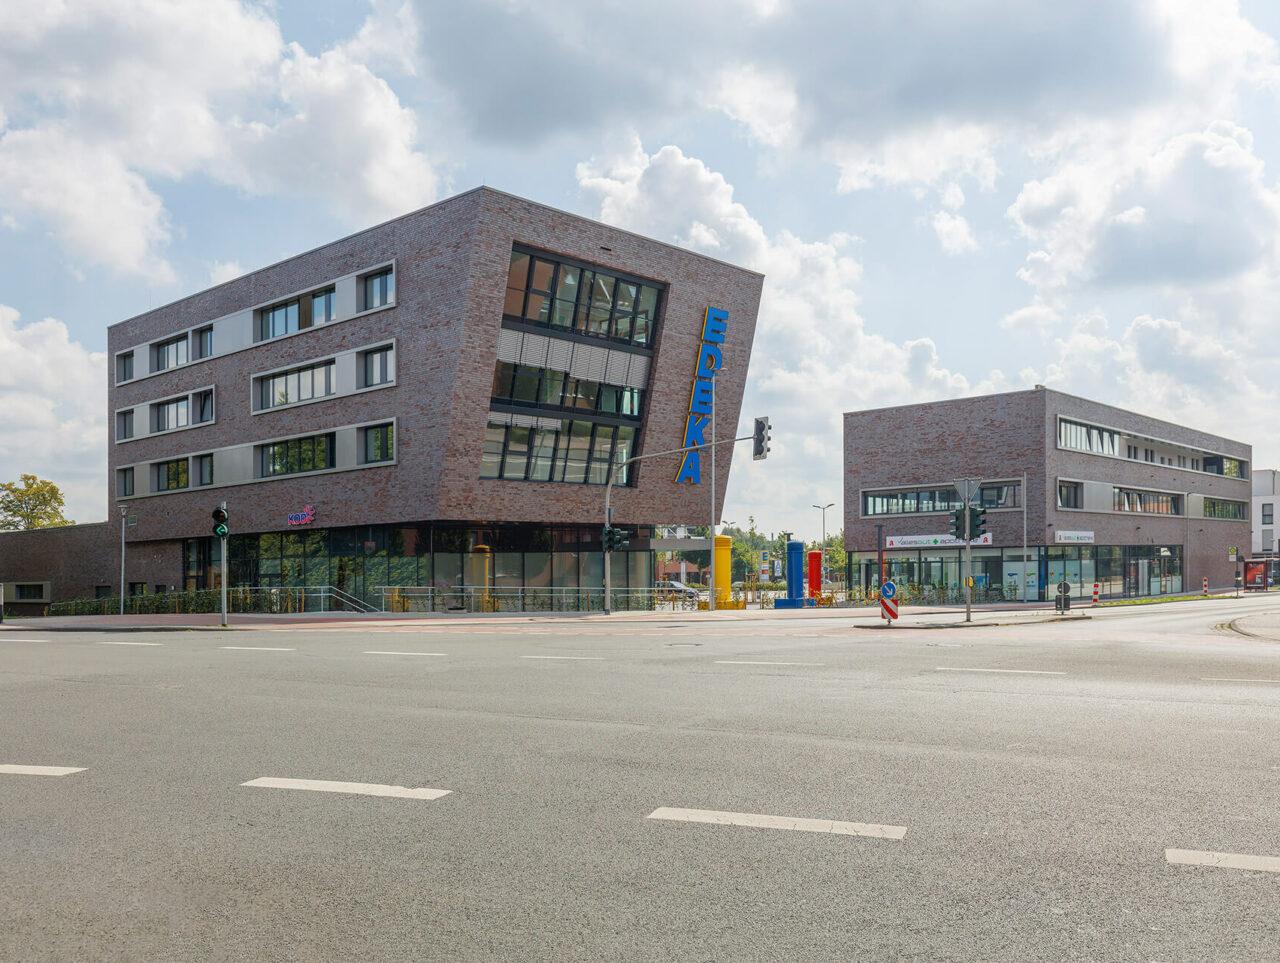 Zentrum Edeka Wohnen Münster Hiltrup Einzelhandel Strassenansicht